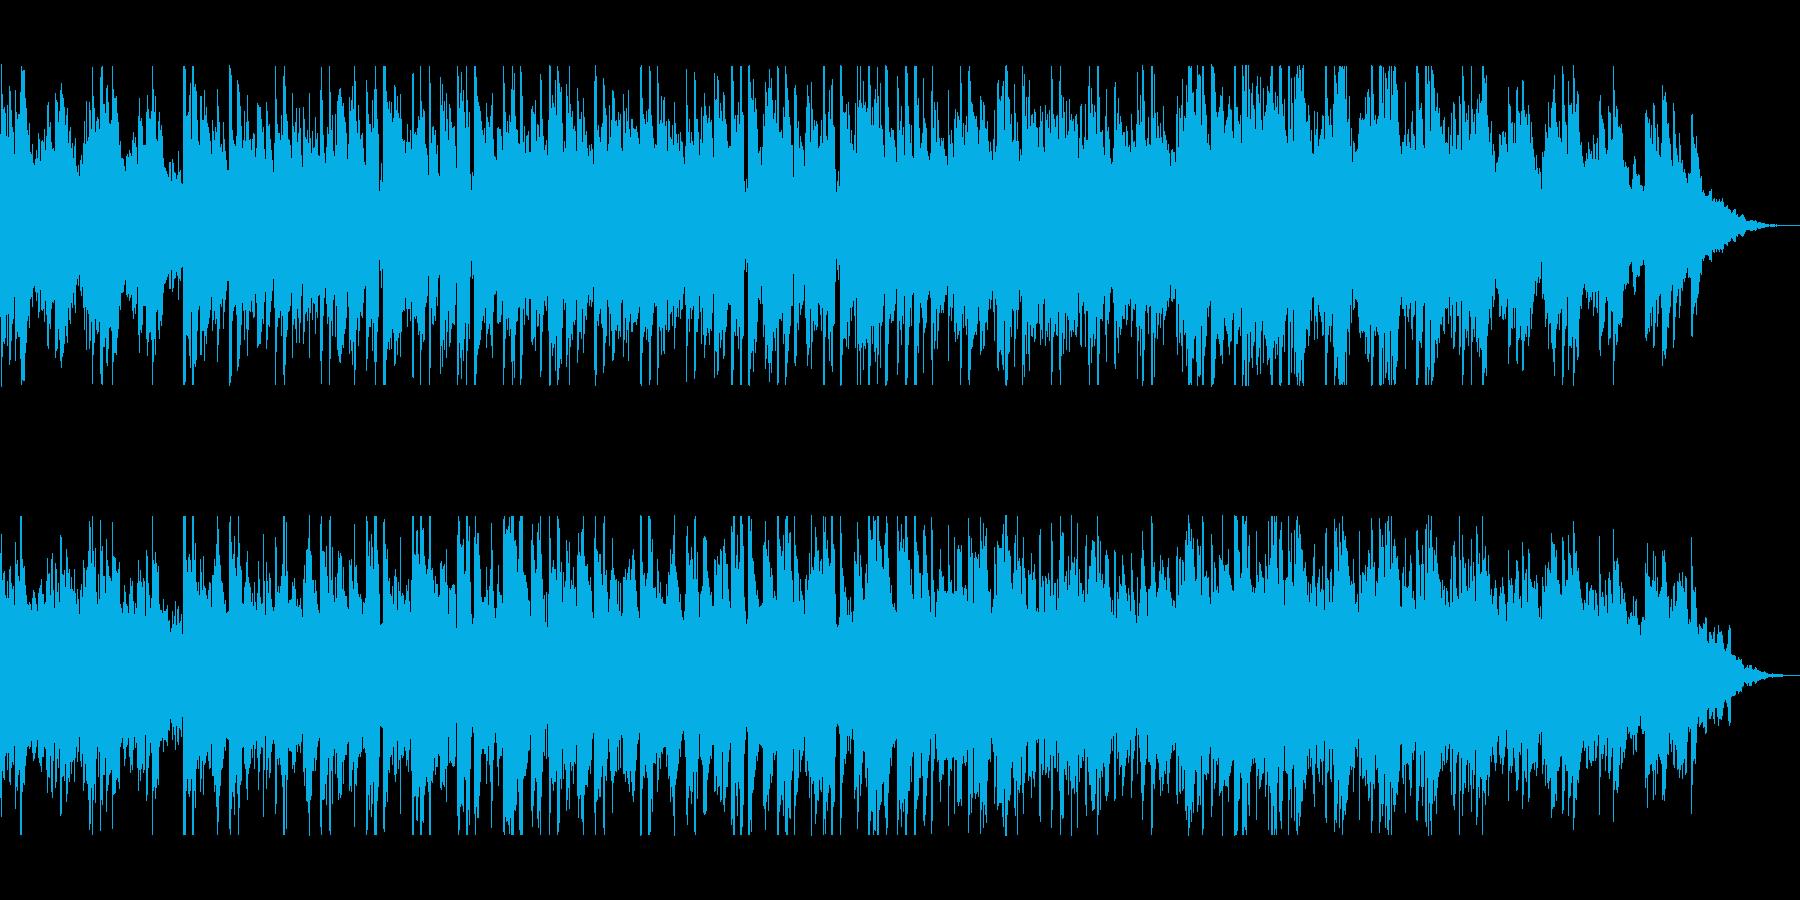 ピアノの旋律が温かみを与えるポップスの再生済みの波形